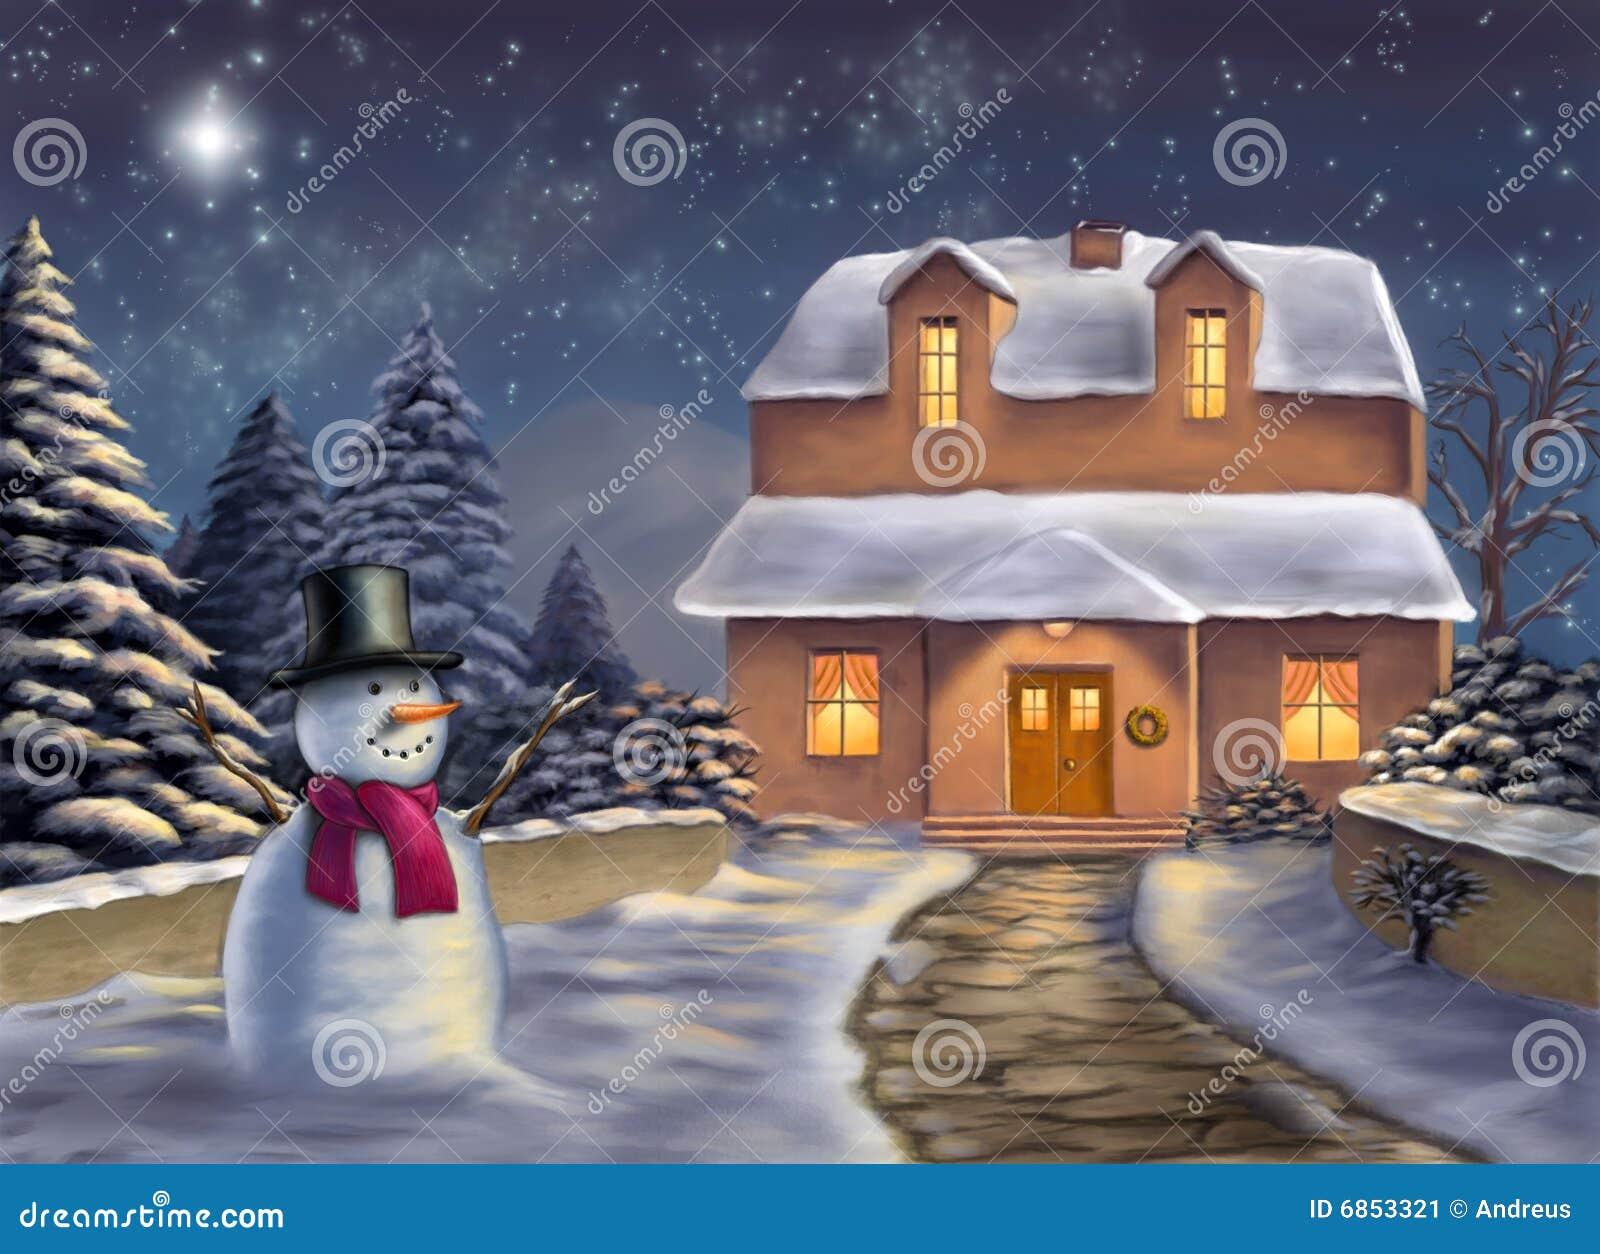 Foto Paesaggi Di Natale.Immagini Paesaggi Di Natale Frismarketingadvies